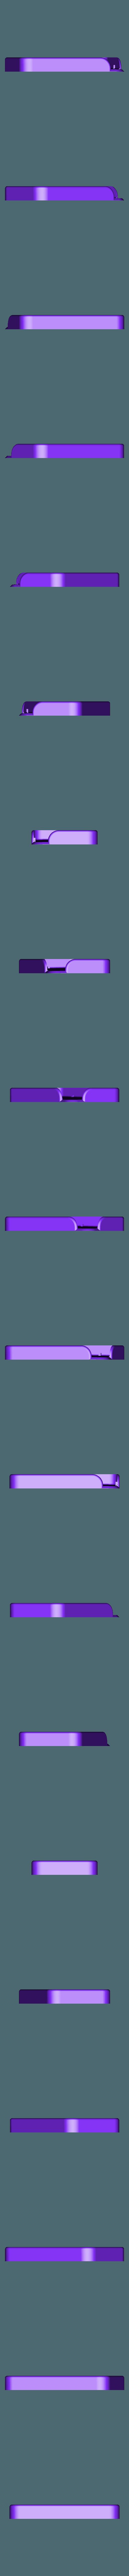 Soap_Dish.STL Download free STL file Soap Holder Dish • 3D print design, 3DMakerMarket